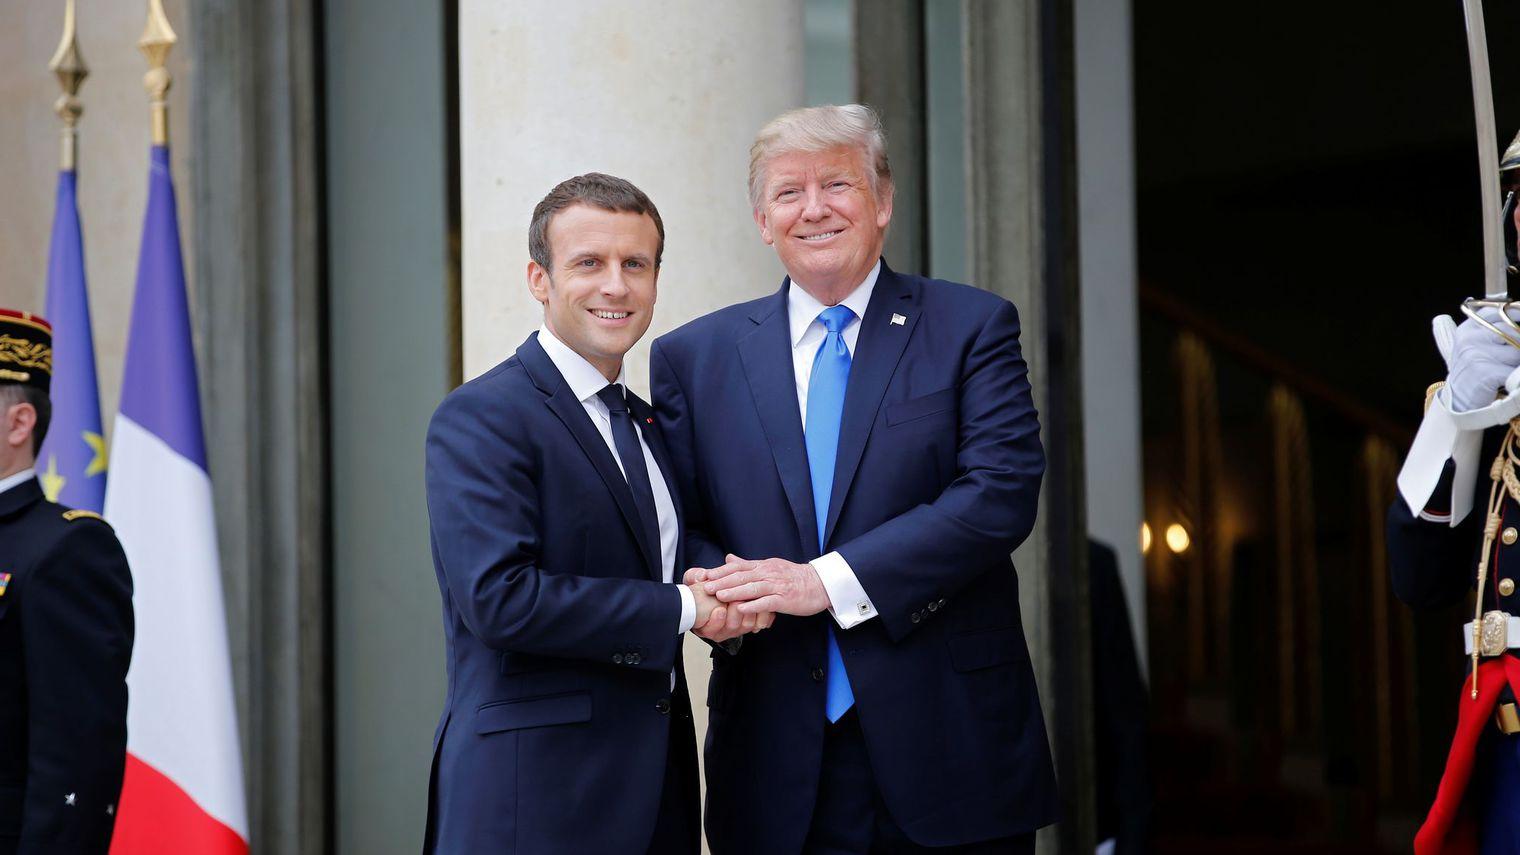 Pourquoi le président des Etats-Unis n'a rien à faire en France un 14 Juillet